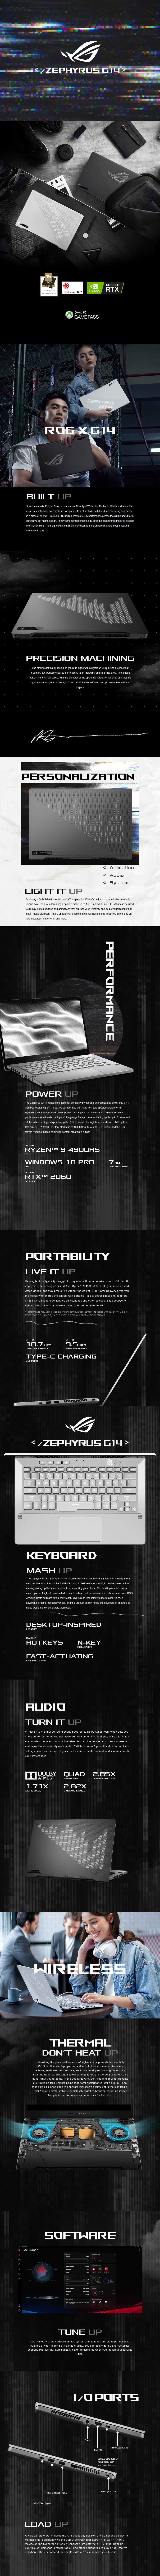 asus-rog-zephyrus-g14-1af4-gaming-laptop-r94900hs-32gb-512gb-2060-w10p-grey-dm-ac36510-8.jpg